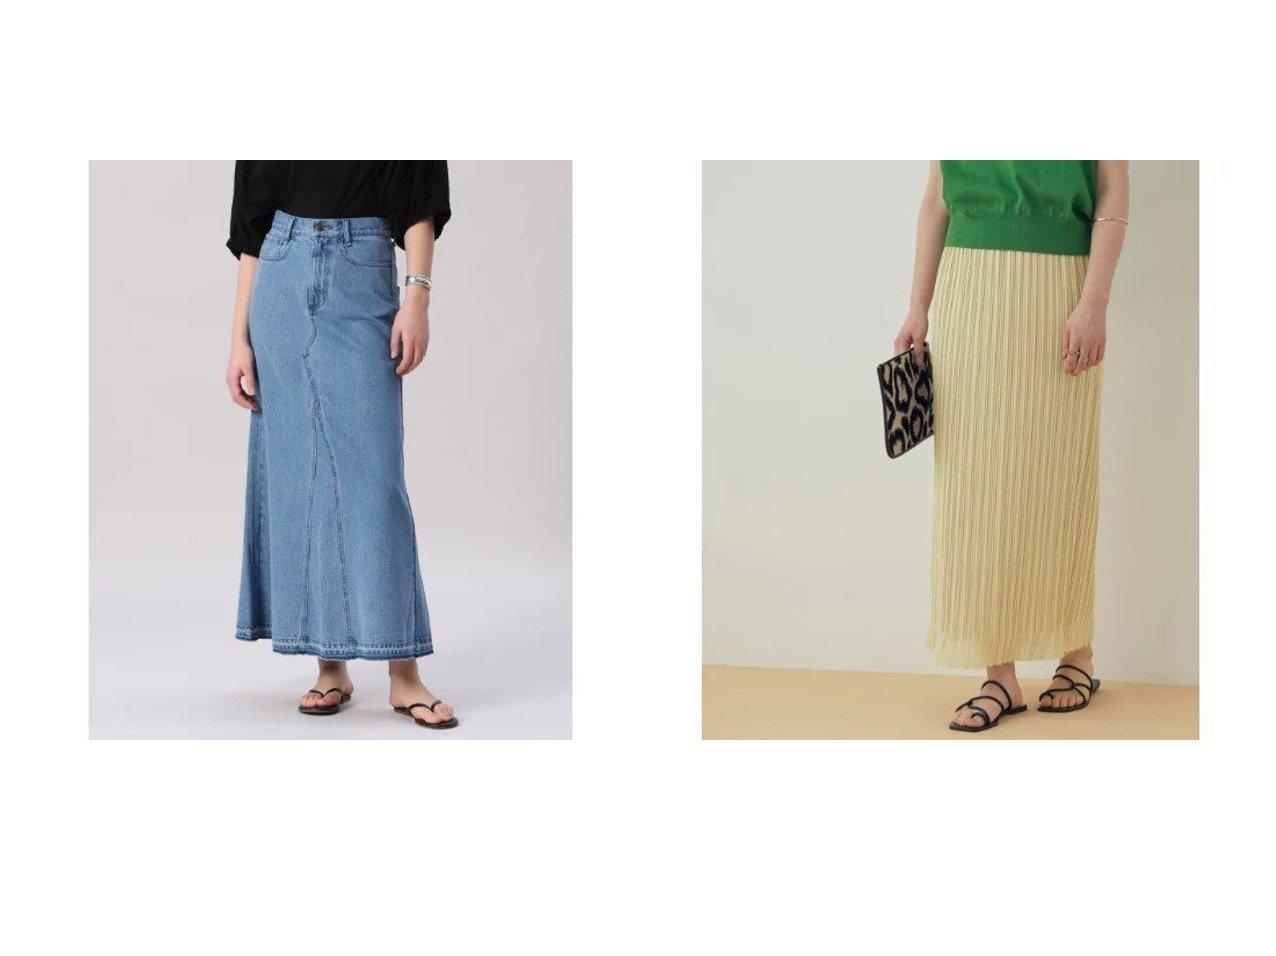 【ADAM ET ROPE'/アダム エ ロペ】の【セットアップ対応】ダブルリネンライクプリーツスカート&【INED/イネド】の《Maison de Beige》デニムロングスカート 【スカート】おすすめ!人気、トレンド・レディースファッションの通販 おすすめで人気の流行・トレンド、ファッションの通販商品 メンズファッション・キッズファッション・インテリア・家具・レディースファッション・服の通販 founy(ファニー) https://founy.com/ ファッション Fashion レディースファッション WOMEN セットアップ Setup スカート Skirt スカート Skirt プリーツスカート Pleated Skirts ロングスカート Long Skirt イエロー 春 Spring カットソー セットアップ ダブル フリンジ プリーツ ペチコート ポケット 別注 マキシ リラックス ロング 2021年 2021 S/S・春夏 SS・Spring/Summer 2021春夏・S/S SS/Spring/Summer/2021 おすすめ Recommend デニム リメイク |ID:crp329100000035444